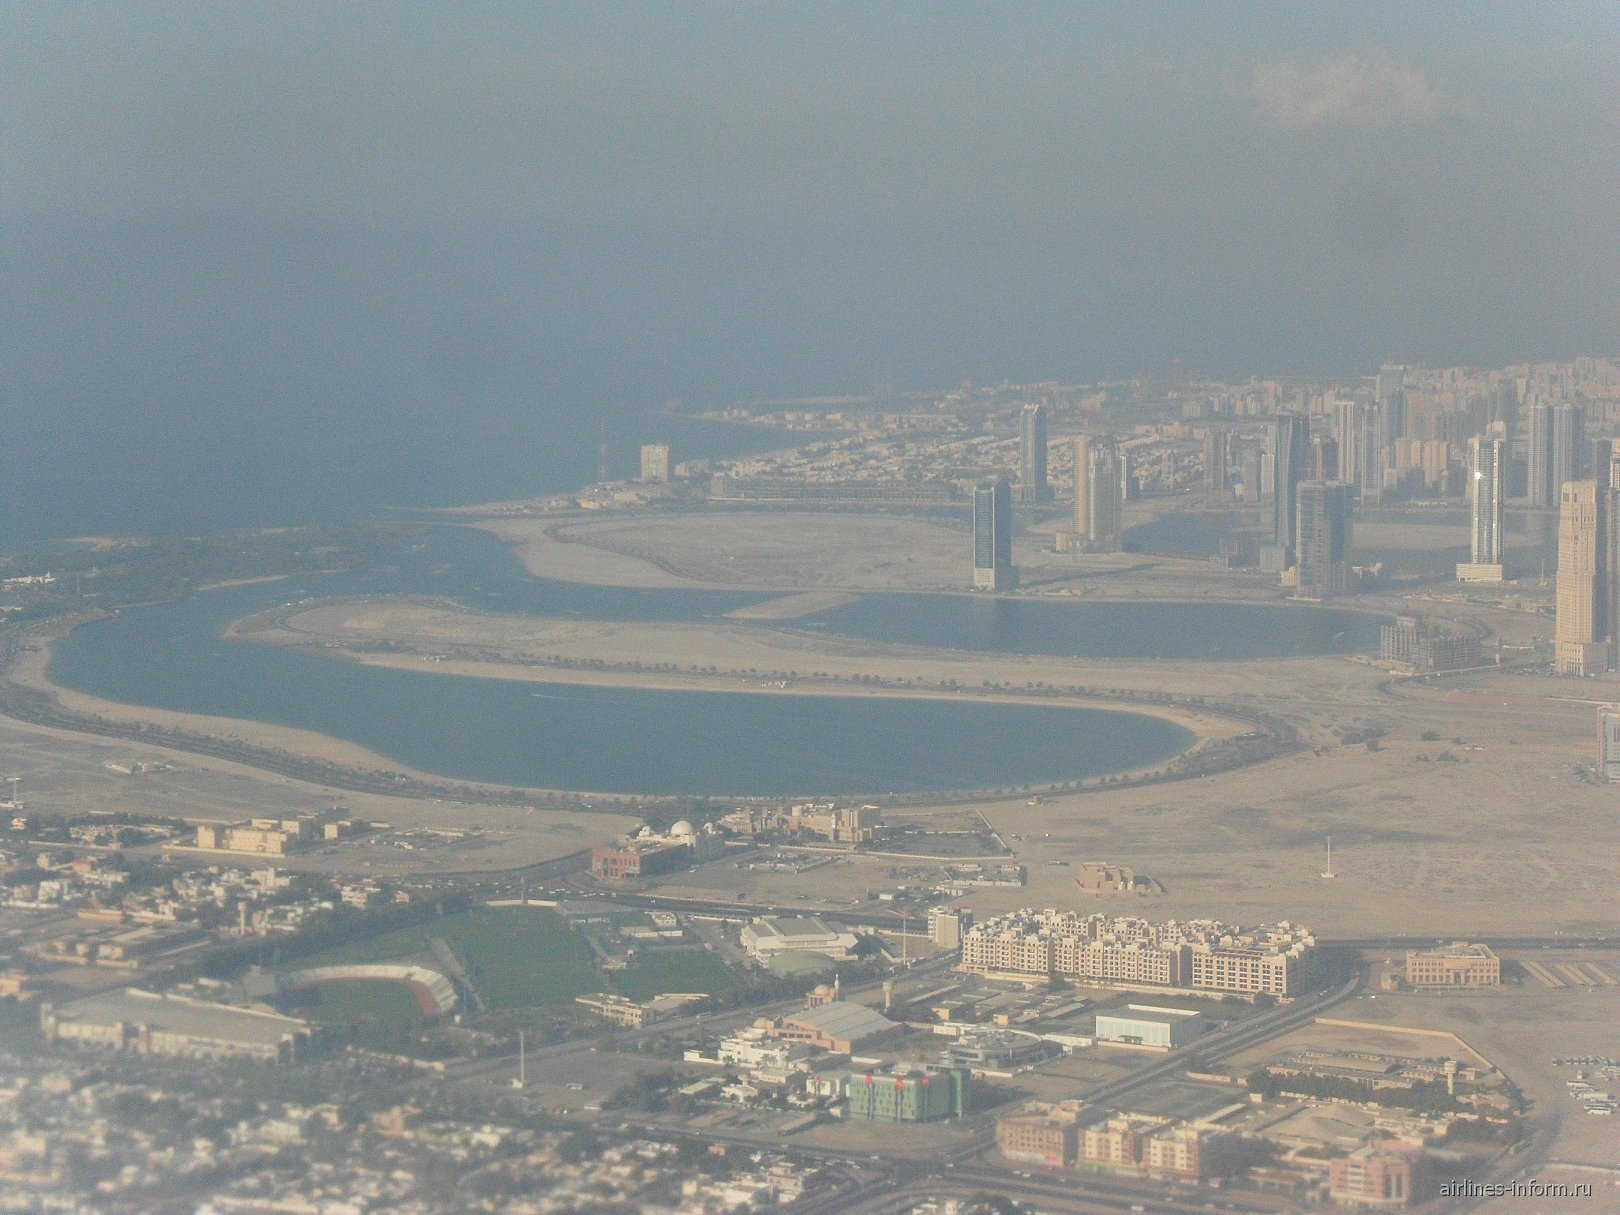 Взлет из аэропорта Дубай